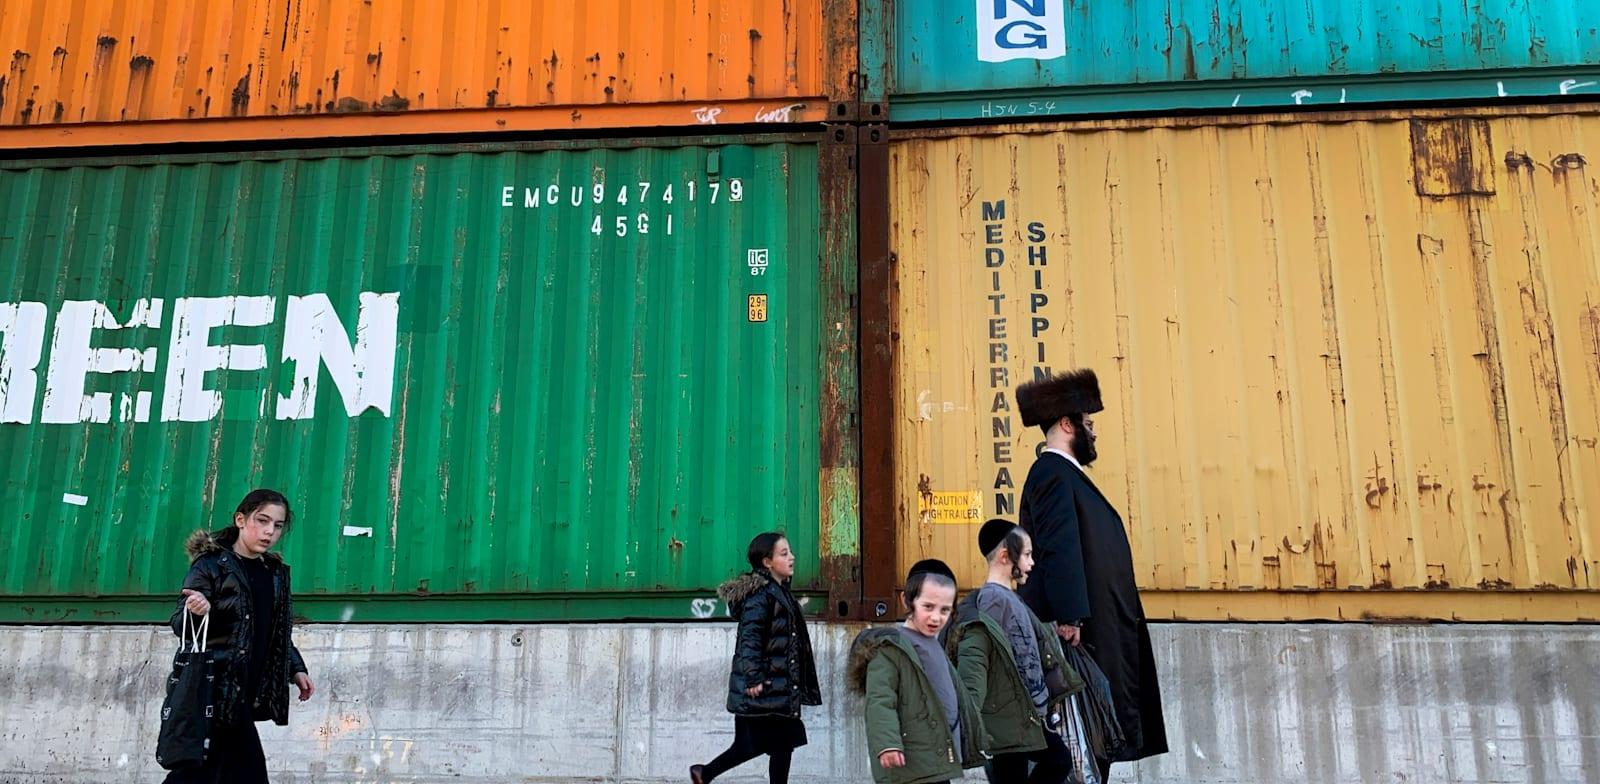 יהודים אורתודוקסיים בברוקלין בניו יורק / צילום: Associated Press, Wong Maye-E